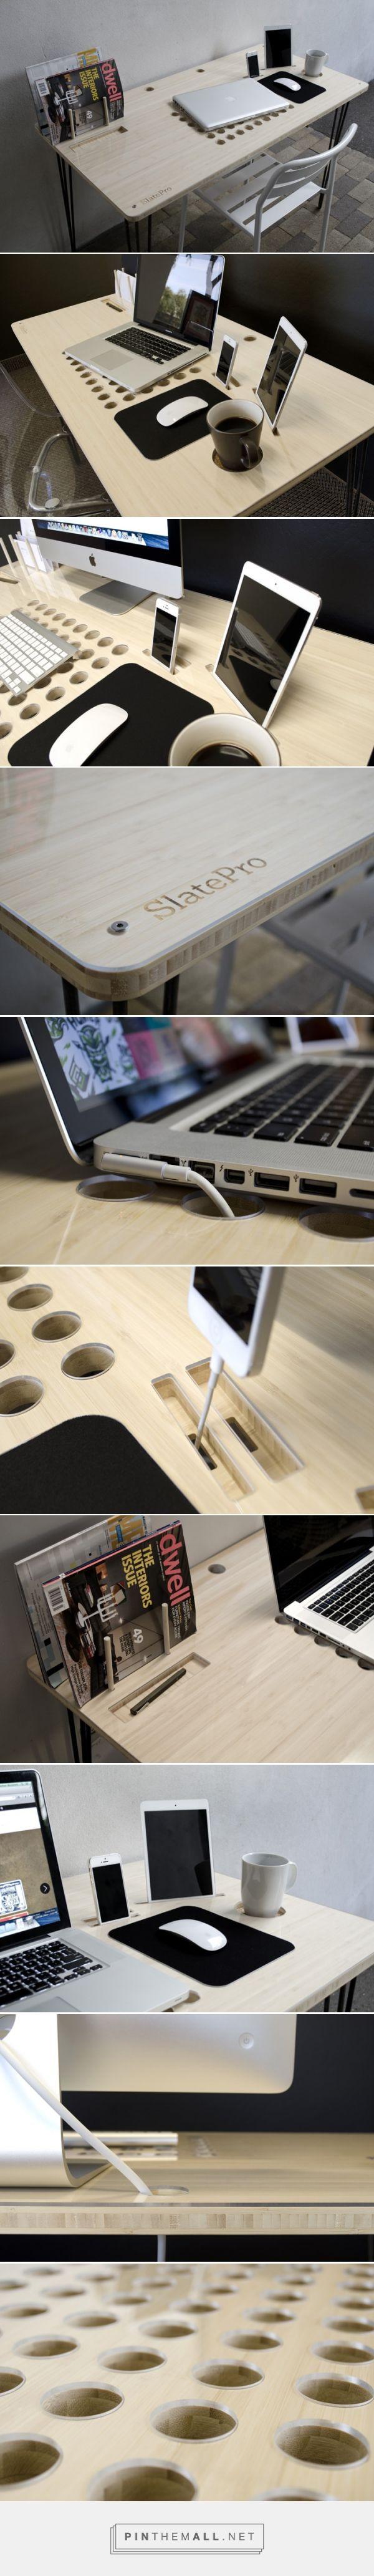 Kickstarter Spotlight: SlatePro by Nathan Mummert | Design Work Life - created via http://pinthemall.net